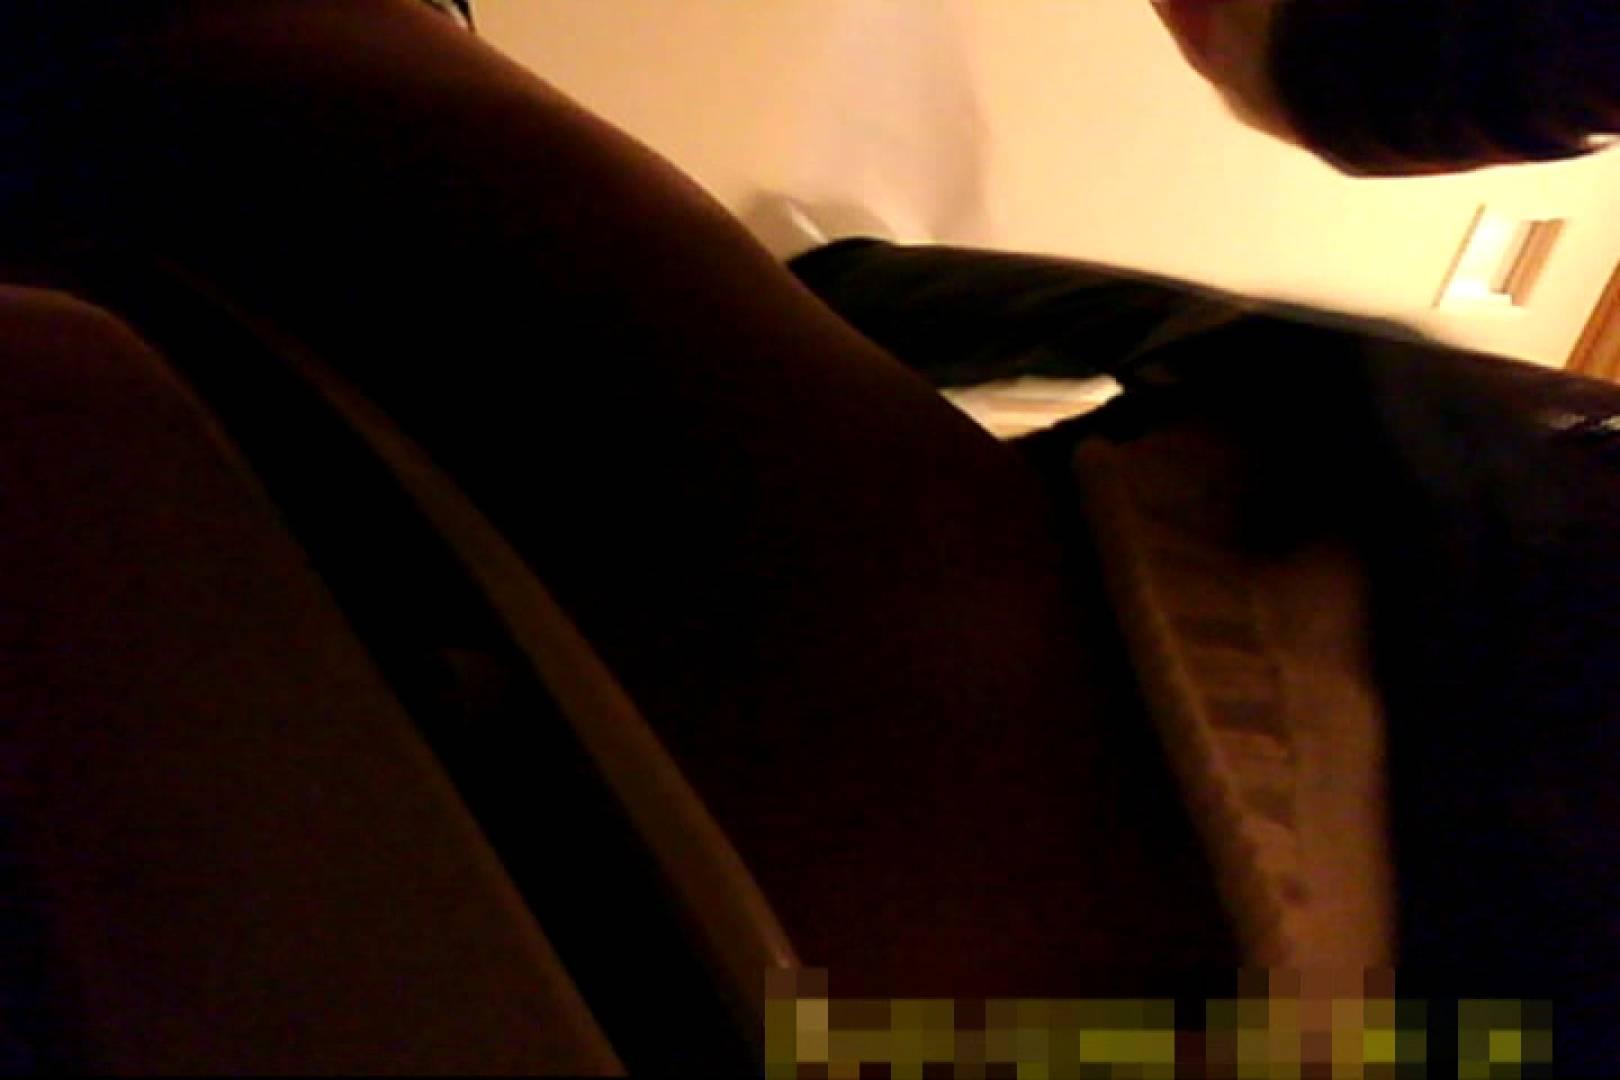 魅惑の化粧室~禁断のプライベート空間~27 丸見えマンコ 隠し撮りオマンコ動画紹介 106PIX 32